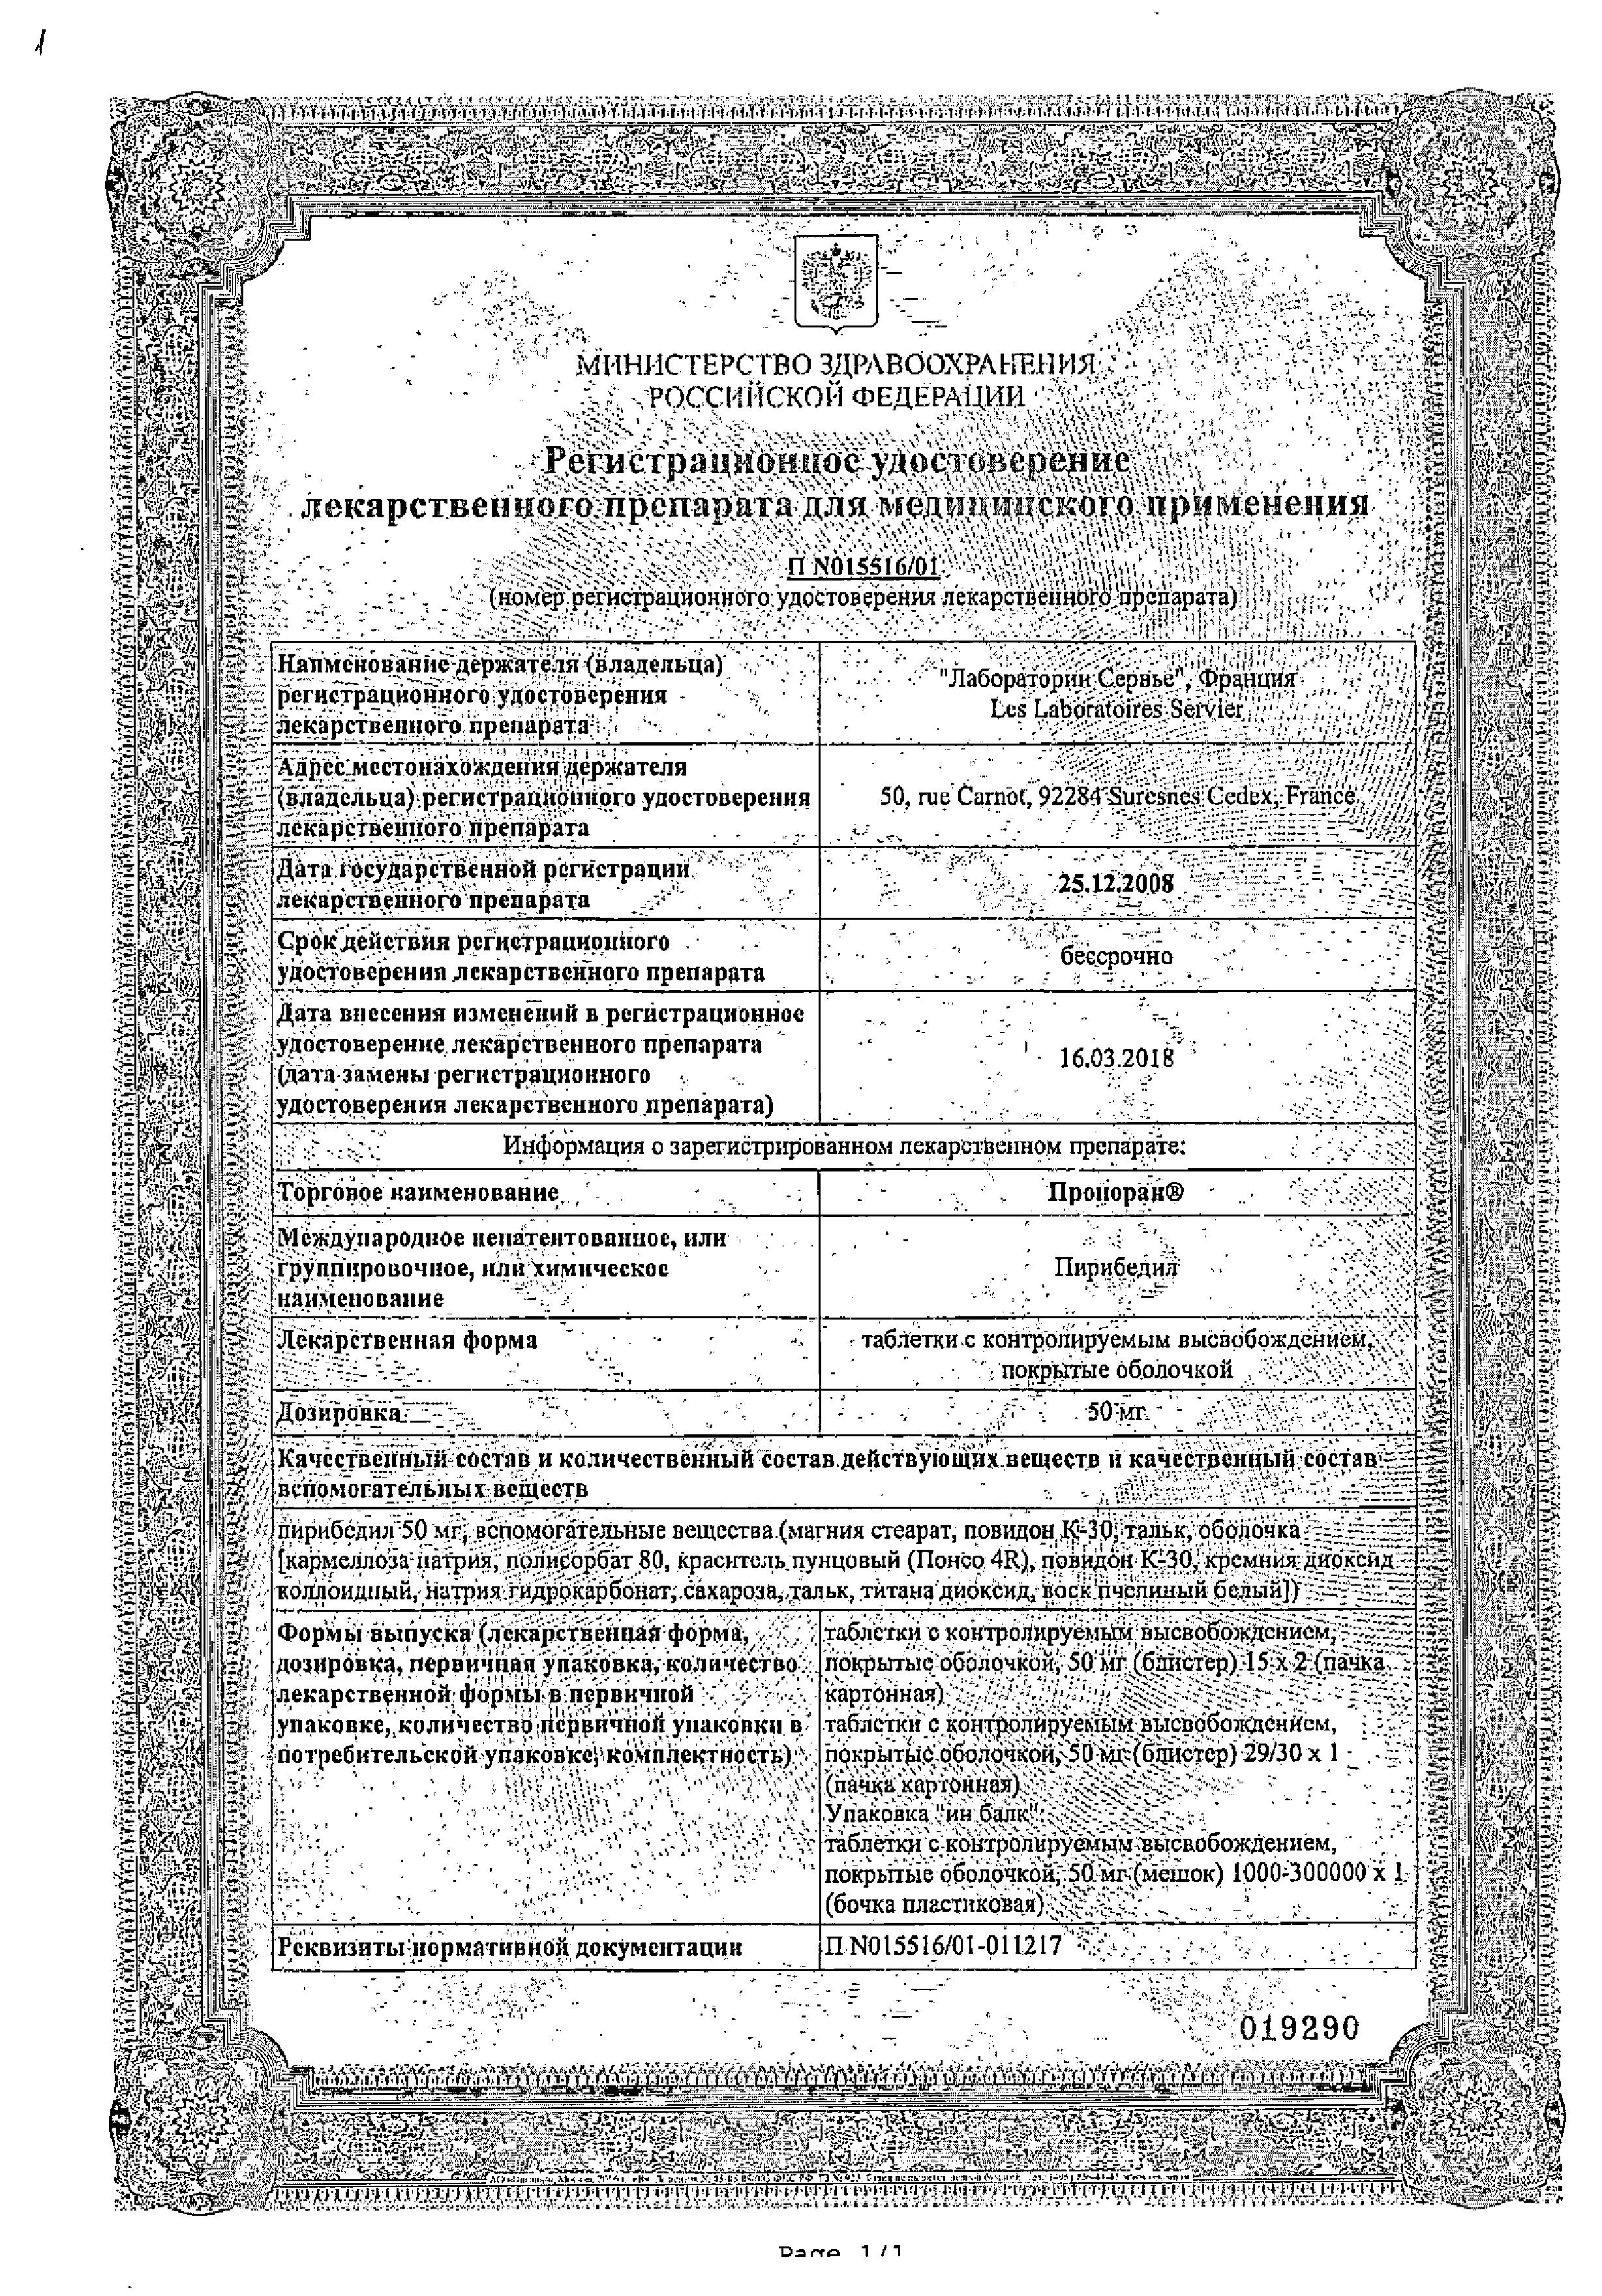 Проноран сертификат